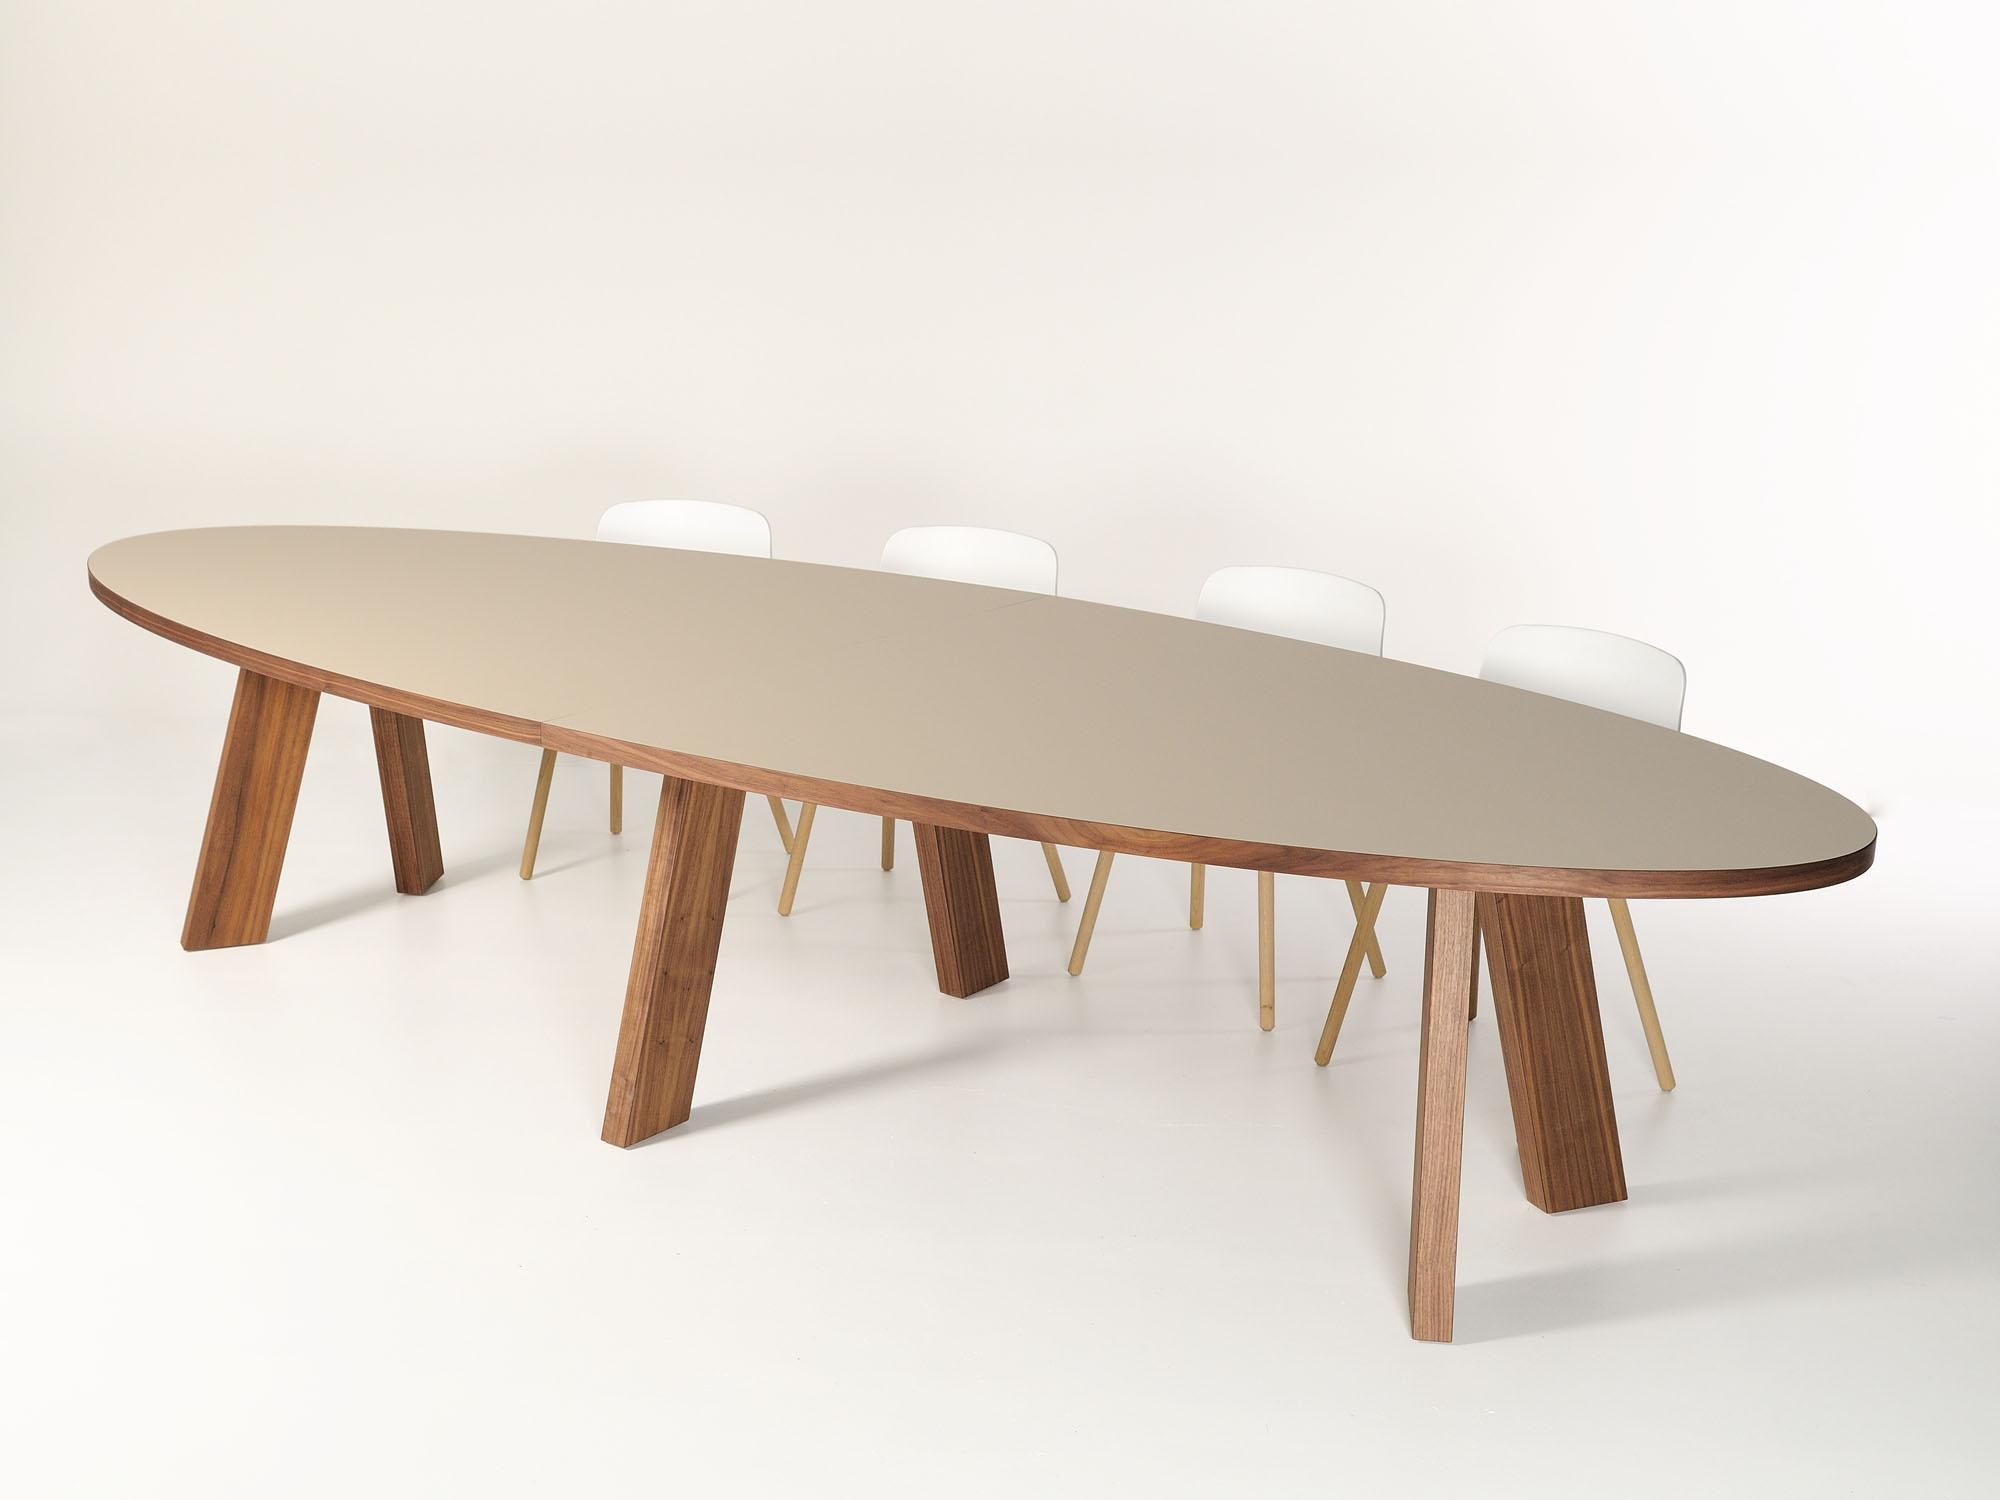 TSP, ontwerp door Castelijn Team